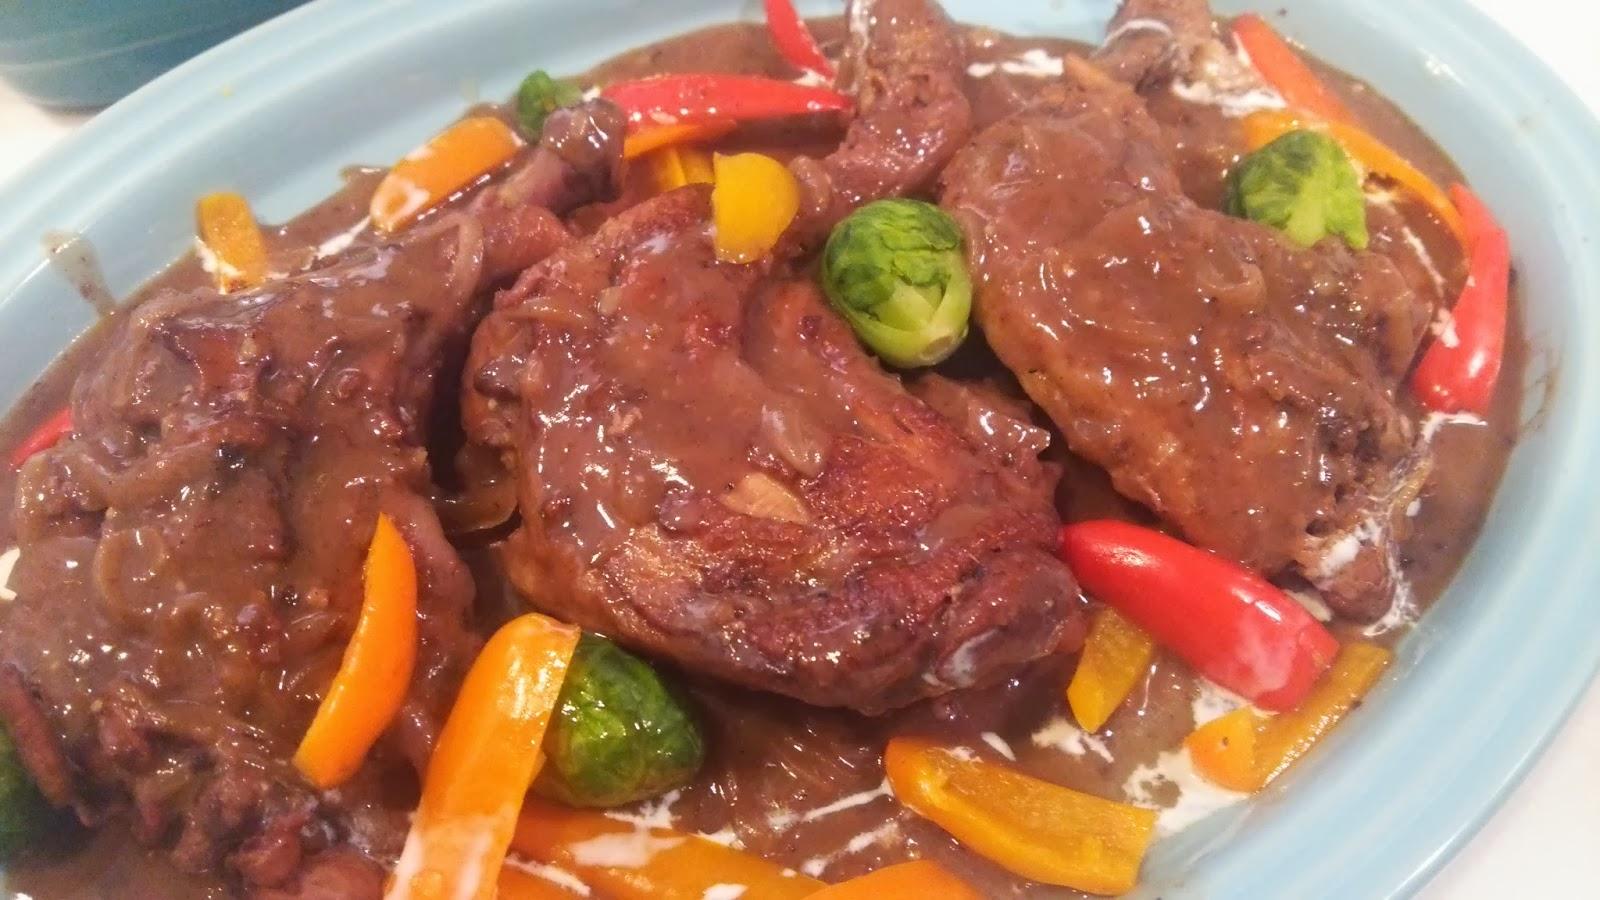 埼玉(さいたま市)の自宅に出張シェフ:コックオーヴァン 骨付き鶏股肉の赤ワイン煮